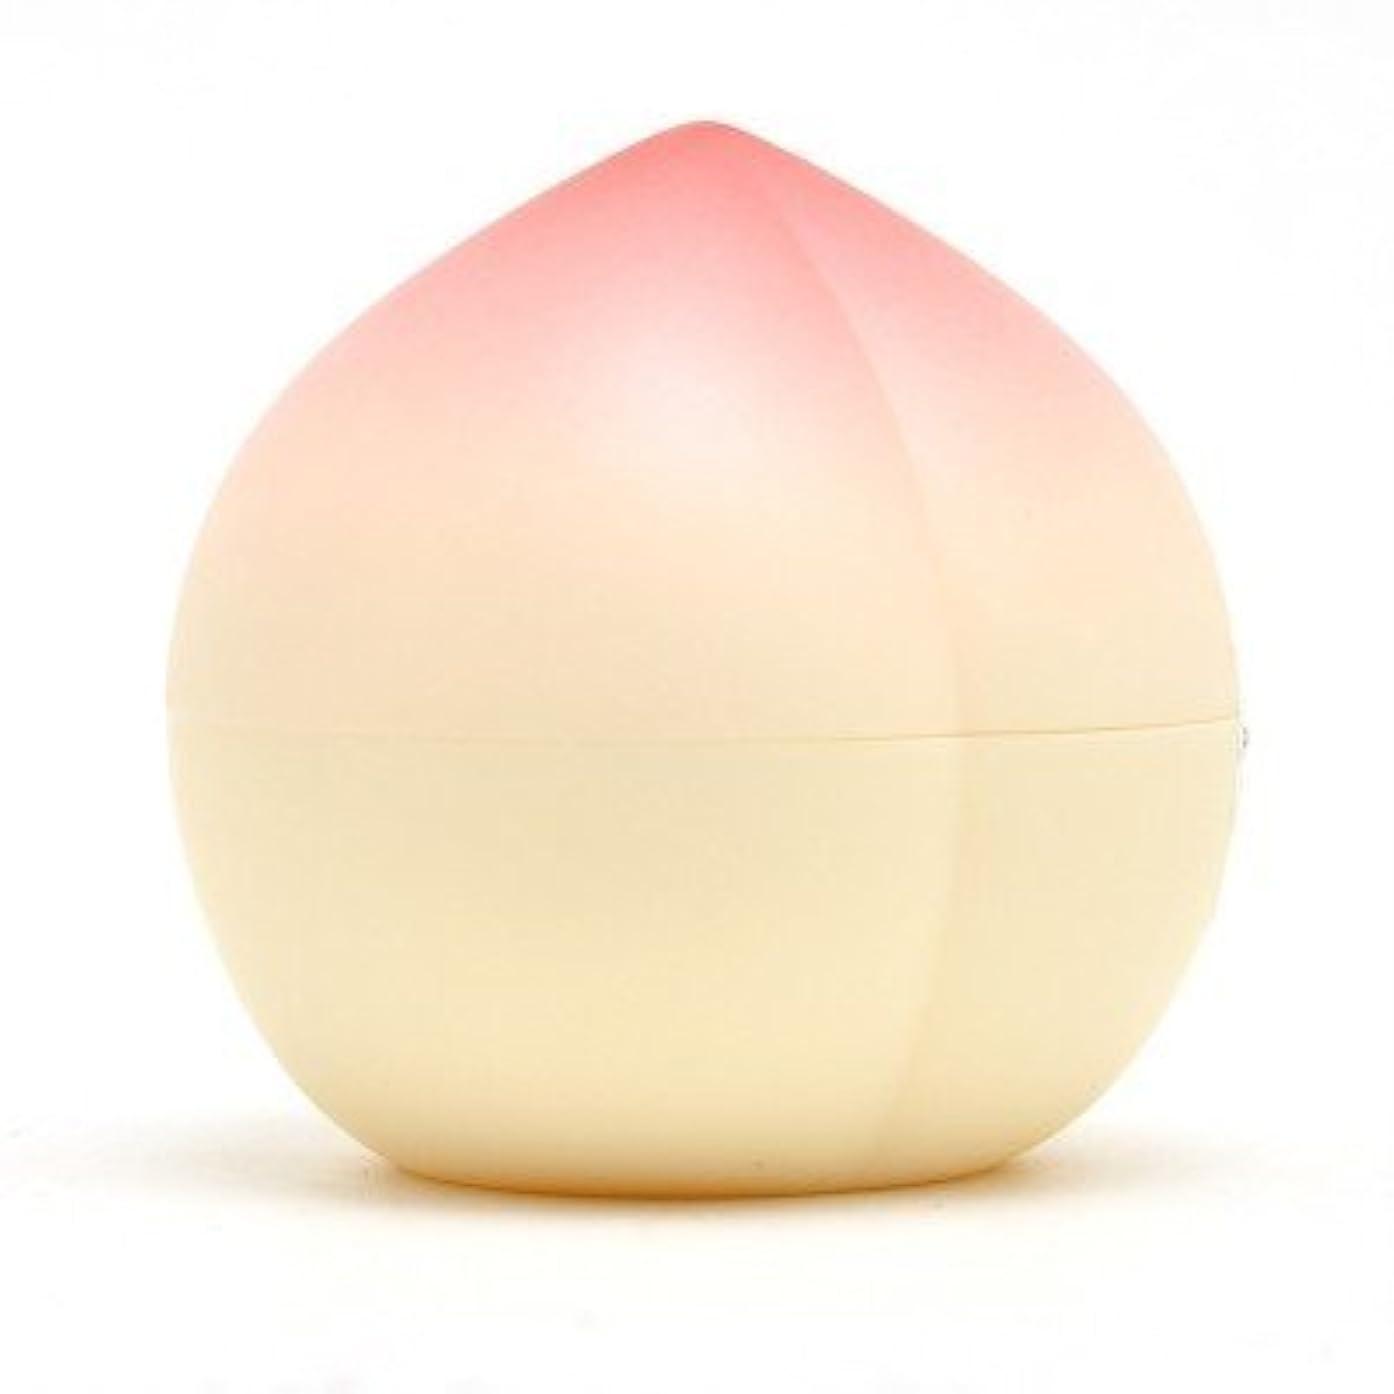 傾向医薬無効TONYMOLY トニーモリー ピーチ?ハンドクリーム 30g (Peach Antiaging Hand Cream) 海外直送品